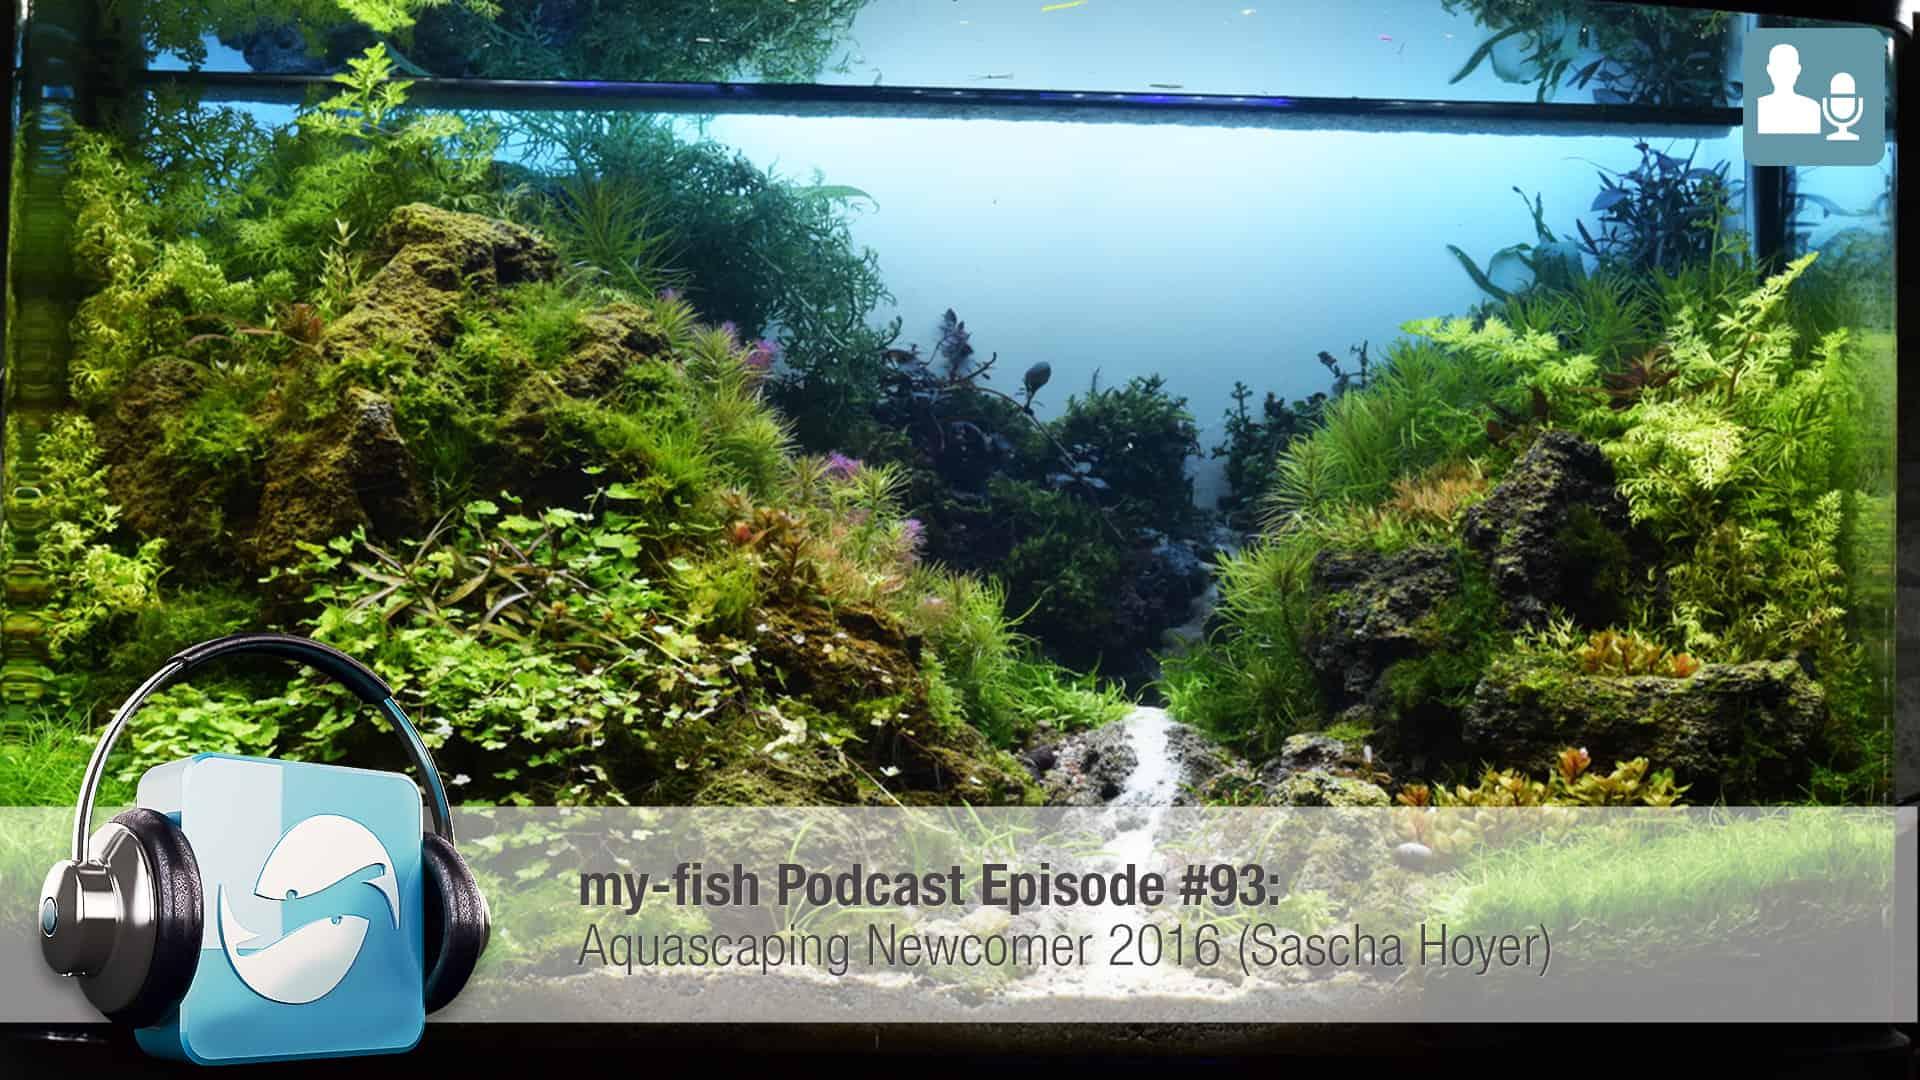 Podcast Episode #93: Aquascaping Newcomer 2016 (Sascha Hoyer) 1